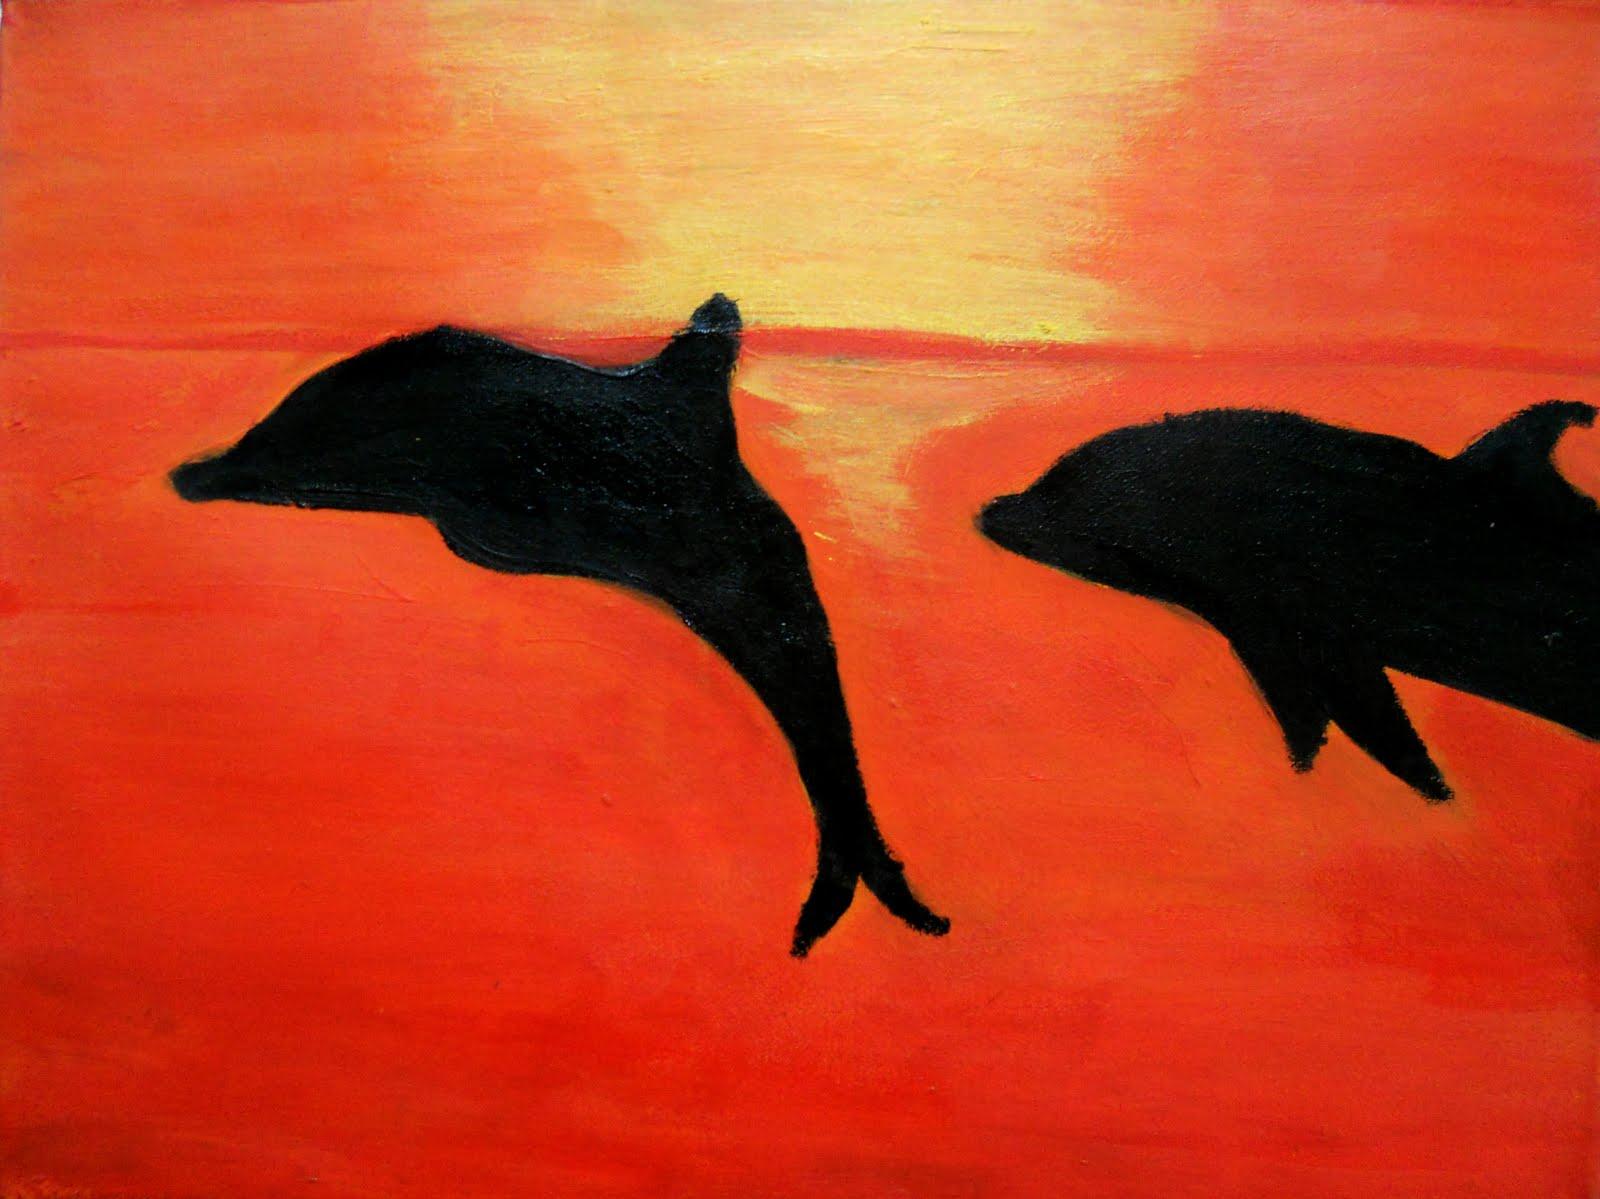 Dibujos Infantiles De Delfines A Color: Delfin Dibujo Infantil. Vera Qu. Delfin Dibujo Infantil